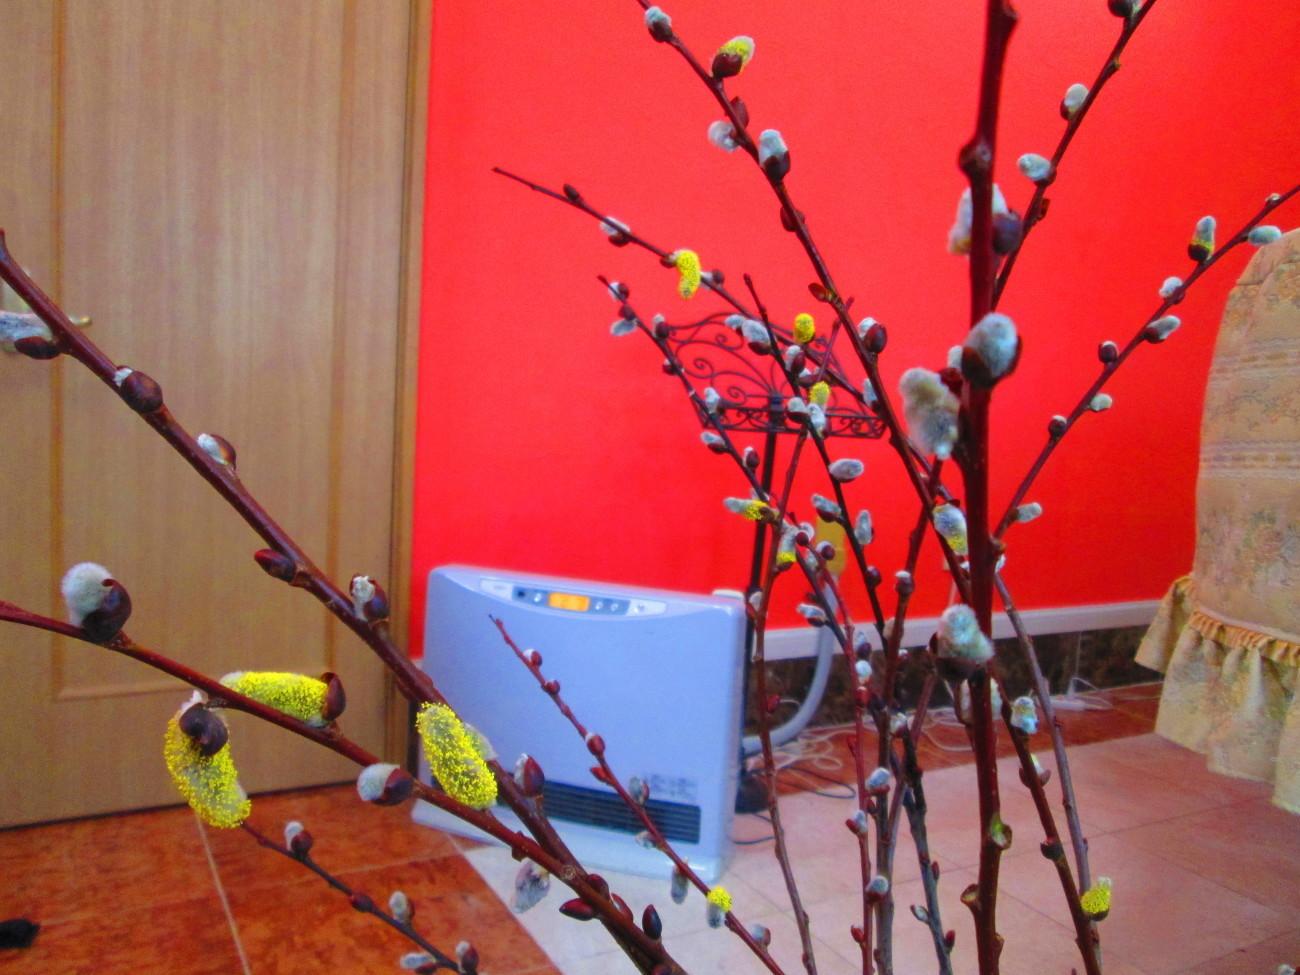 我が家のピアノレッスン室のネコヤナギも花粉をつけ始めました_d0159273_10480898.jpg